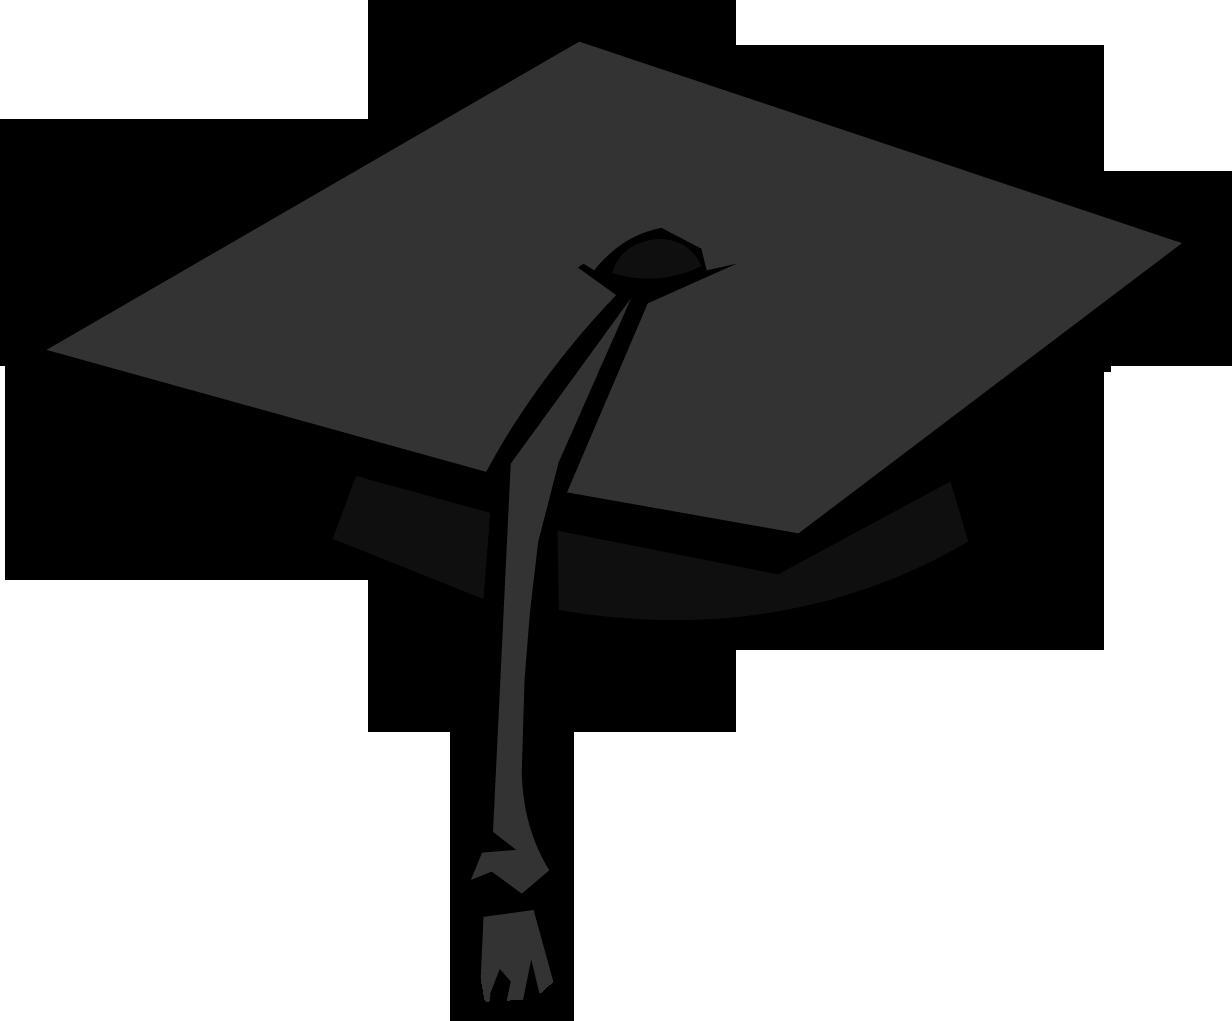 Student clipart cap. Degree hat graduation png